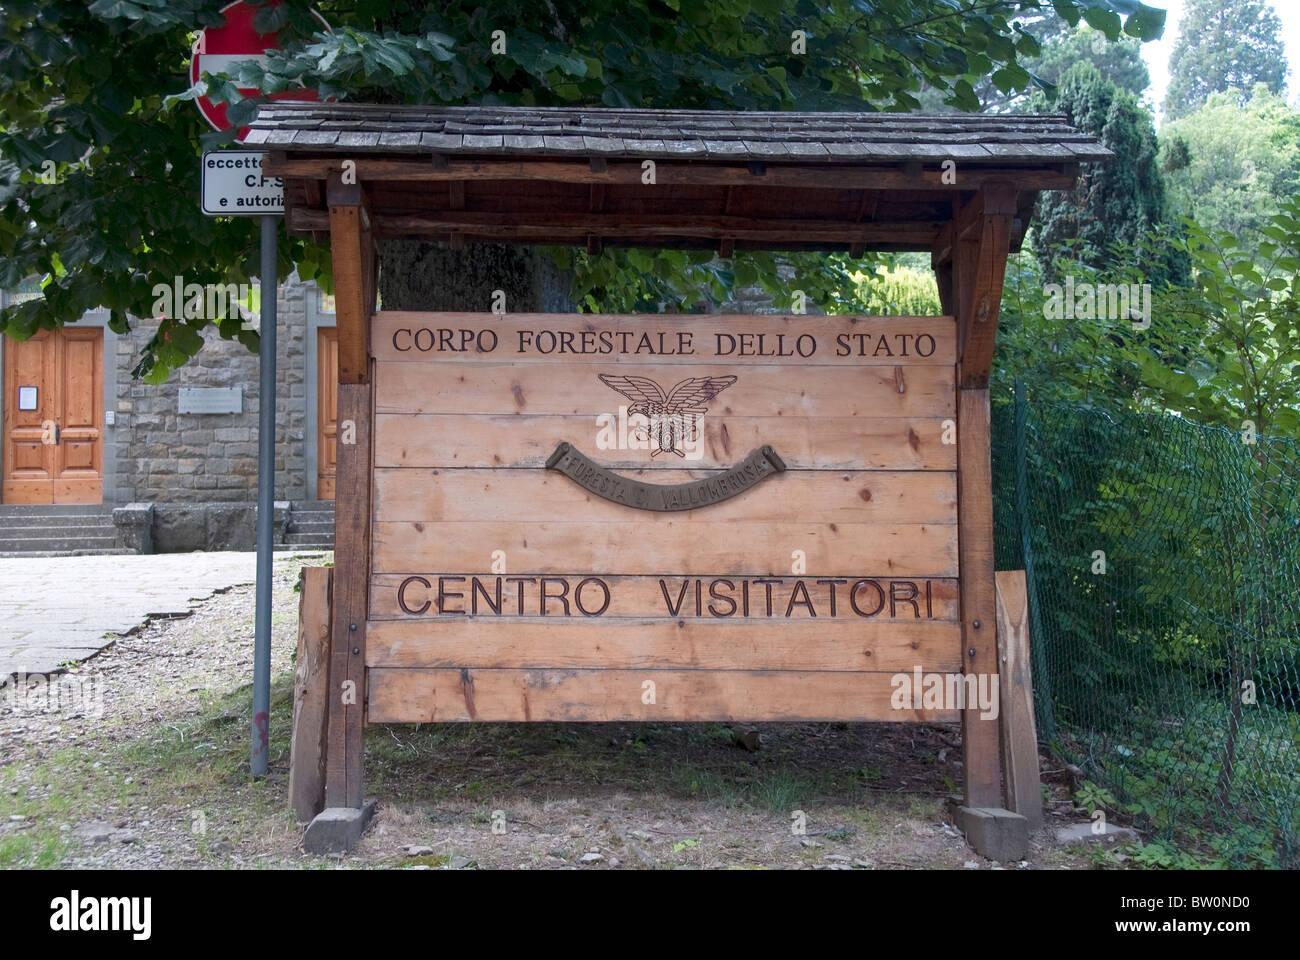 Segno italiana per il Corpo Forestale dello Stato, del Centro Visitatori Immagini Stock